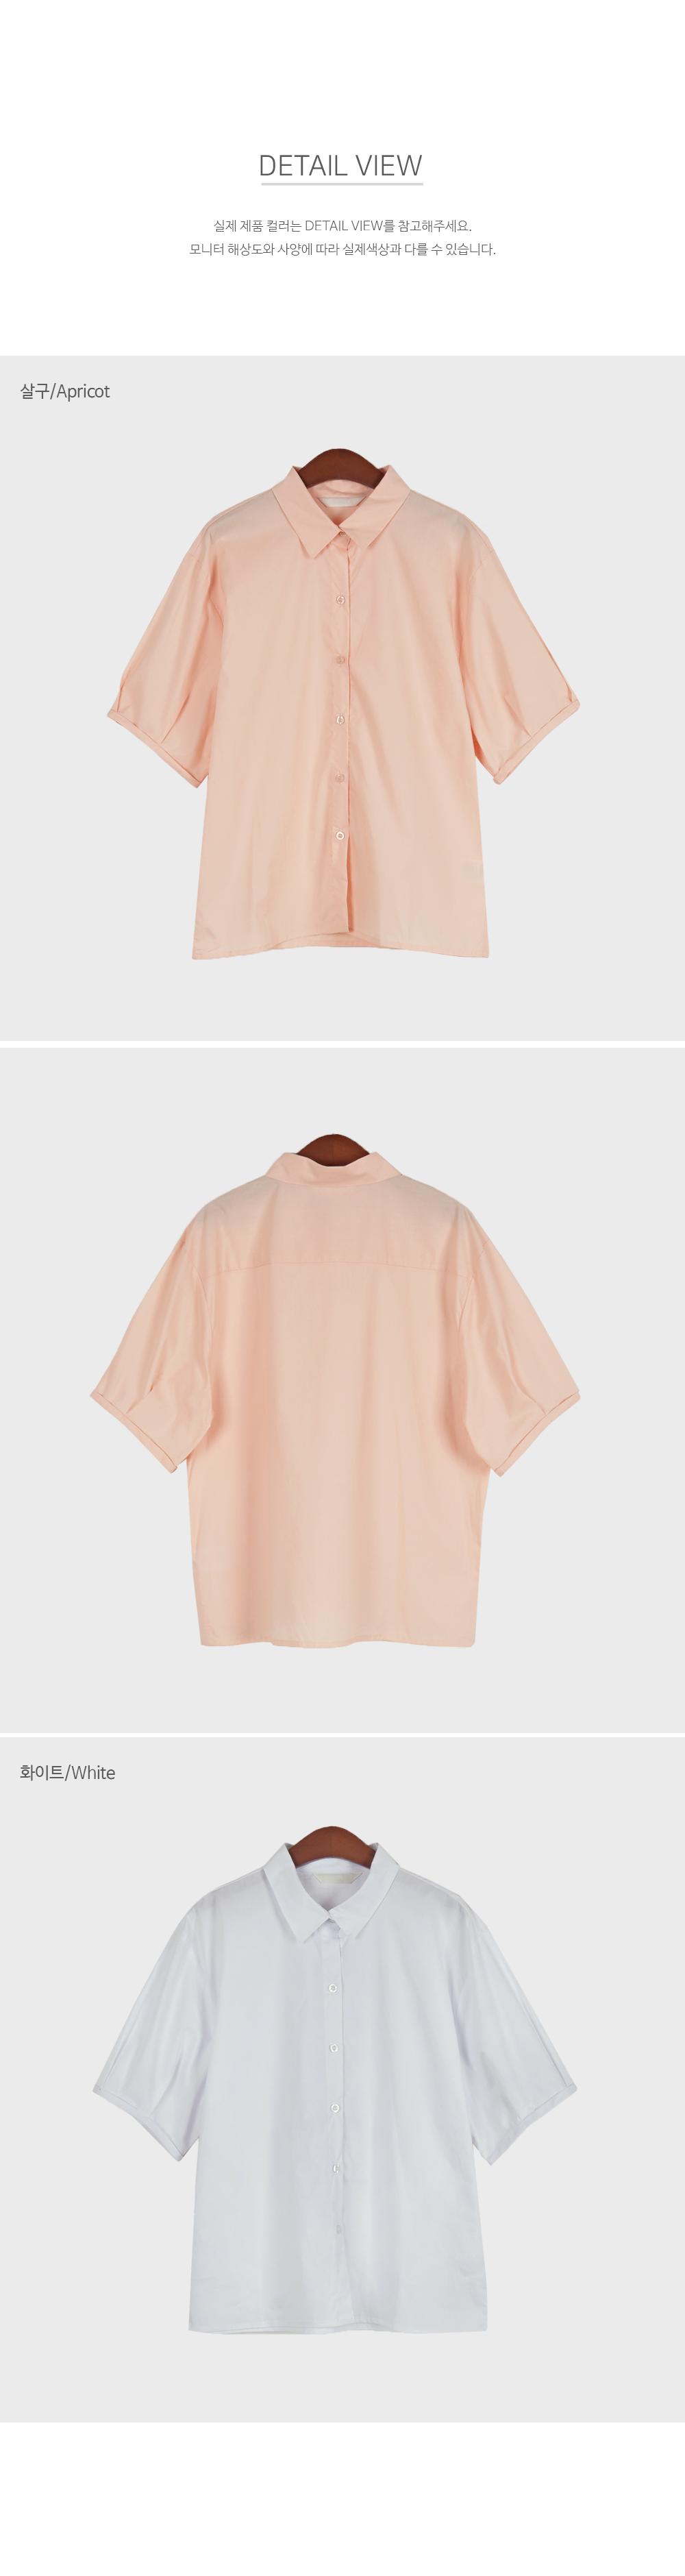 Dropped shoulder Cotton Shirt-holiholic.com